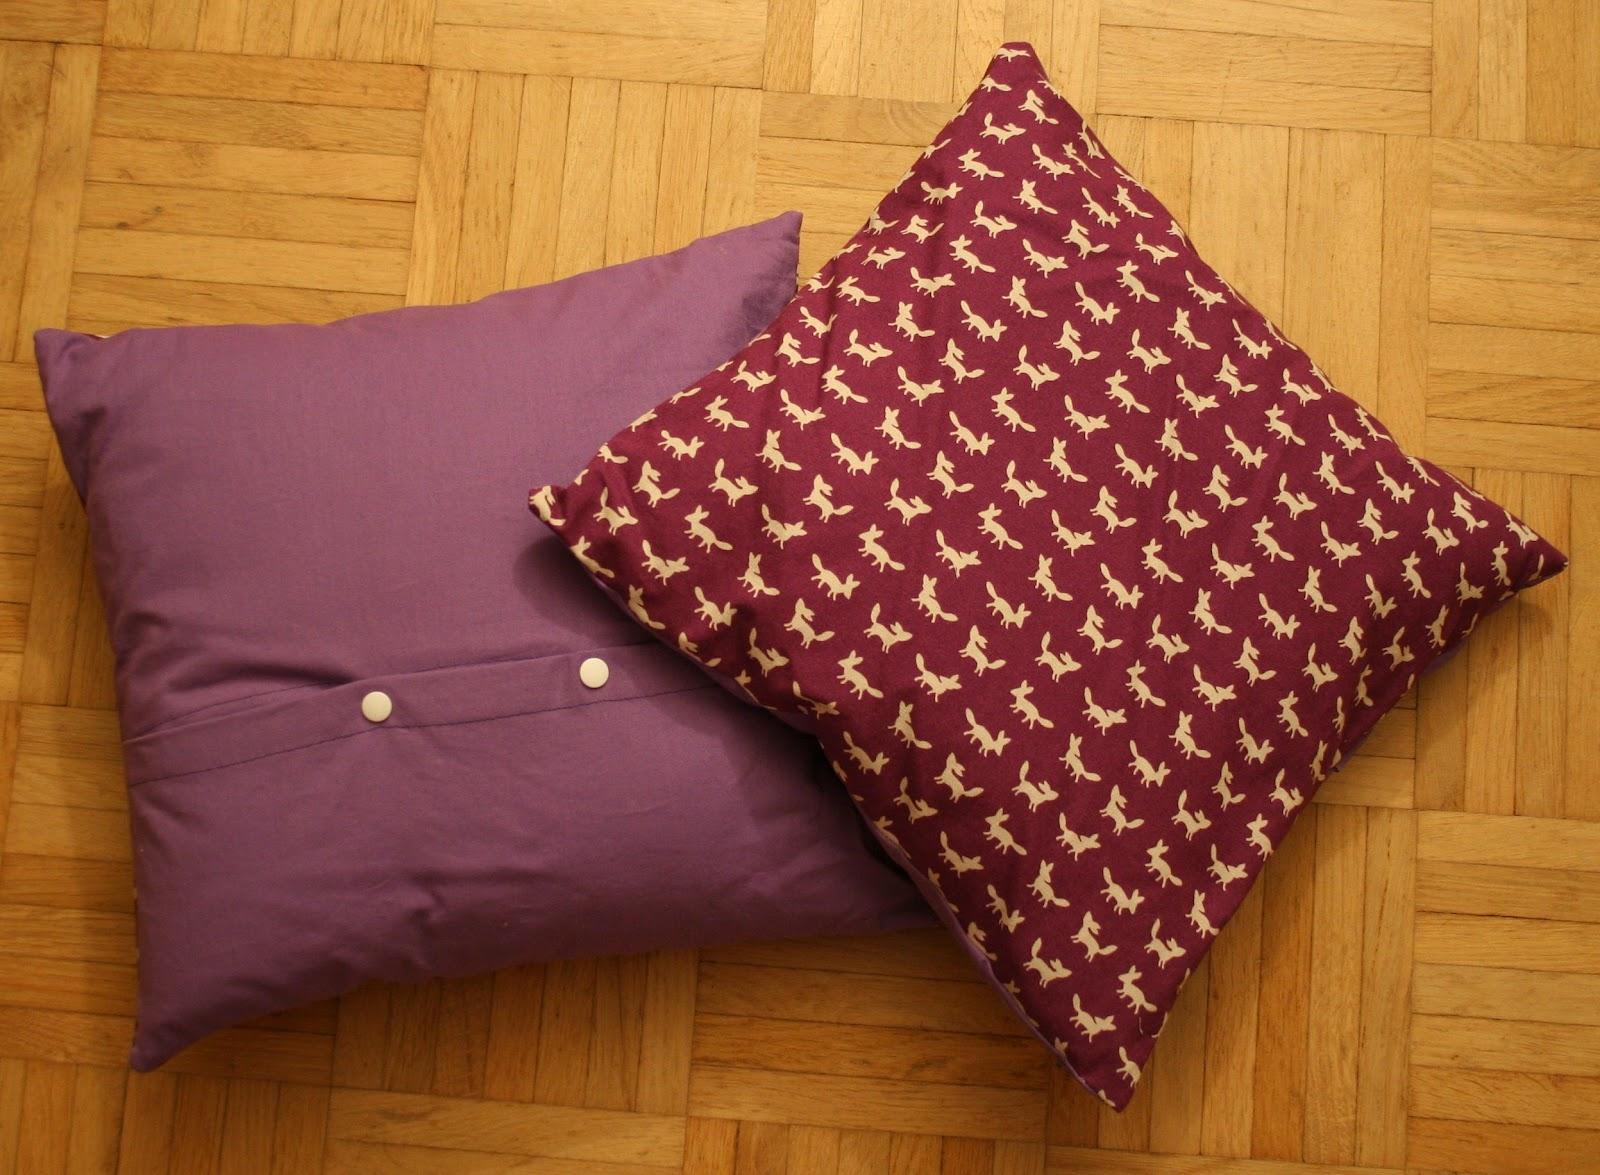 meine welt lilastern chen erz hlt september 2012. Black Bedroom Furniture Sets. Home Design Ideas